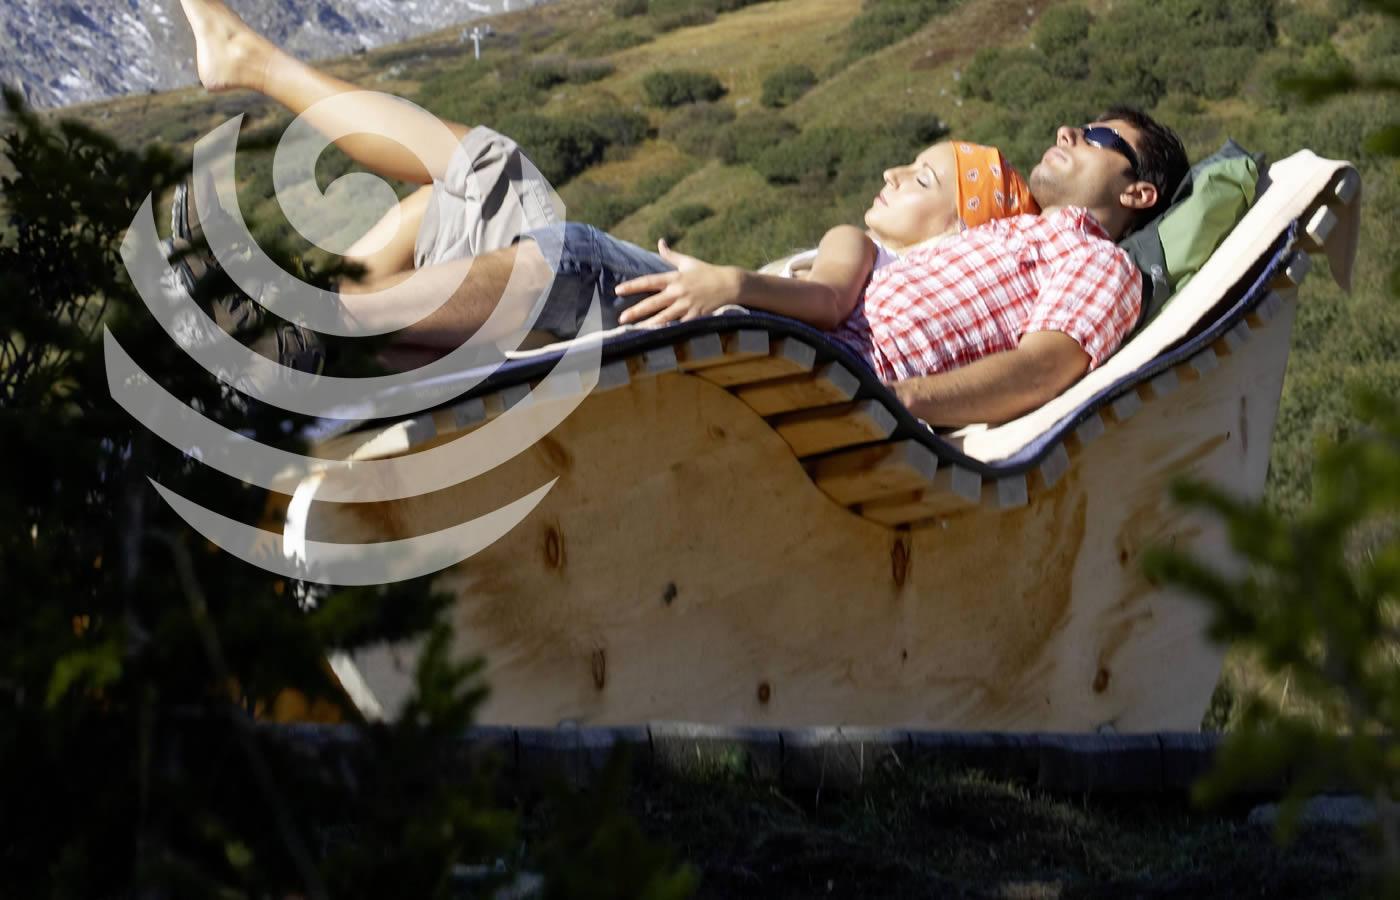 Wohlfühlstation in frischer Bergluft genießen. Sommer-Urlaub in Fiss. Hotel Natürlich.